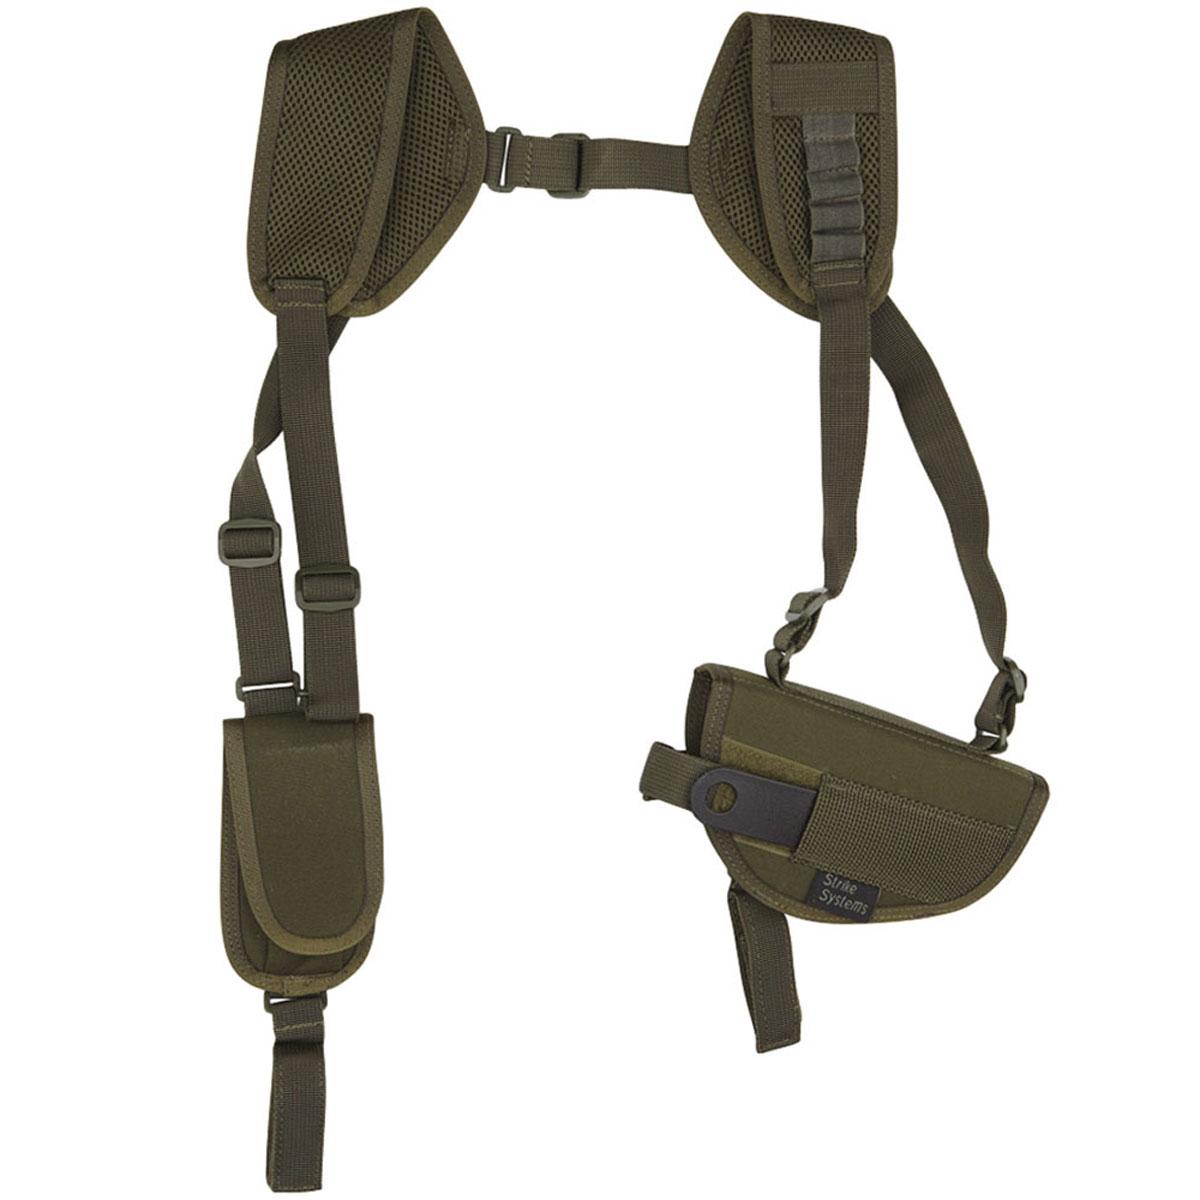 Кобура ASG оперативная для M92, G17/18, STI, CZ, Steyr, Bersa, цвет: Olive Drab (17022)RE-0094Кобура оперативная (для ношения под мышкой) для пневматических и страйкбольных пистолетов серий M92, G17/18, STI, CZ, Steyr, Bersa (полноразмерные и среднеразмерные - Full Frame и Mid Frame) с подсумком для запасного магазина.Предназначена для ношения в тире и на полигоне. Не рассчитана на скрытое ношение. Показанные на фото оружие и аксессуары в комплект не входят. Не рассчитана на использование с боевым оружием. Подходит для правшей.Регулируется по размерам.Комфортные мягкие лямки.Двойные швы.Из износостойкого и влагостойкого нейлона.Возвраттоваравозможен только при наличии заключения сервисного центра.Время работы сервисного центра: Пн-чт: 10.00-18.00 Пт: 10.00- 17.00Сб, Вс: выходные дниАдрес: ООО ГАТО, 121471, г.Москва,ул.ПетраАлексеева,д12., тел. (495)232-4670, gato@gato.ruХарактеристики: Материал: нейлон. Размер кобуры (без креплений): 18 см х 11 см х 4 см. Размер упаковки: 33 см х 22 см х 7 см. Артикул: 17022.Уважаемые покупатели, обращаем Ваше внимание что авиадоставка в нижеперечисленные города этого товара временно недоступна! 1. Ангарск 2. Благовещенск 3. Бодайбо 4. Братск 5. Владивосток 6. Воркута 7. Иркутск 8. Калининград 9. Надым 10. Нарьян-Мар 11. Находка 12. Норильск 13. Петропавловск-Камчатский 14. Салехард 15. Улан-Удэ 16. Уссурийск 17. Ухта 18. Хабаровск 19. Чита 20. Энергетик 21. Южно-Сахалинск 22. Якутск